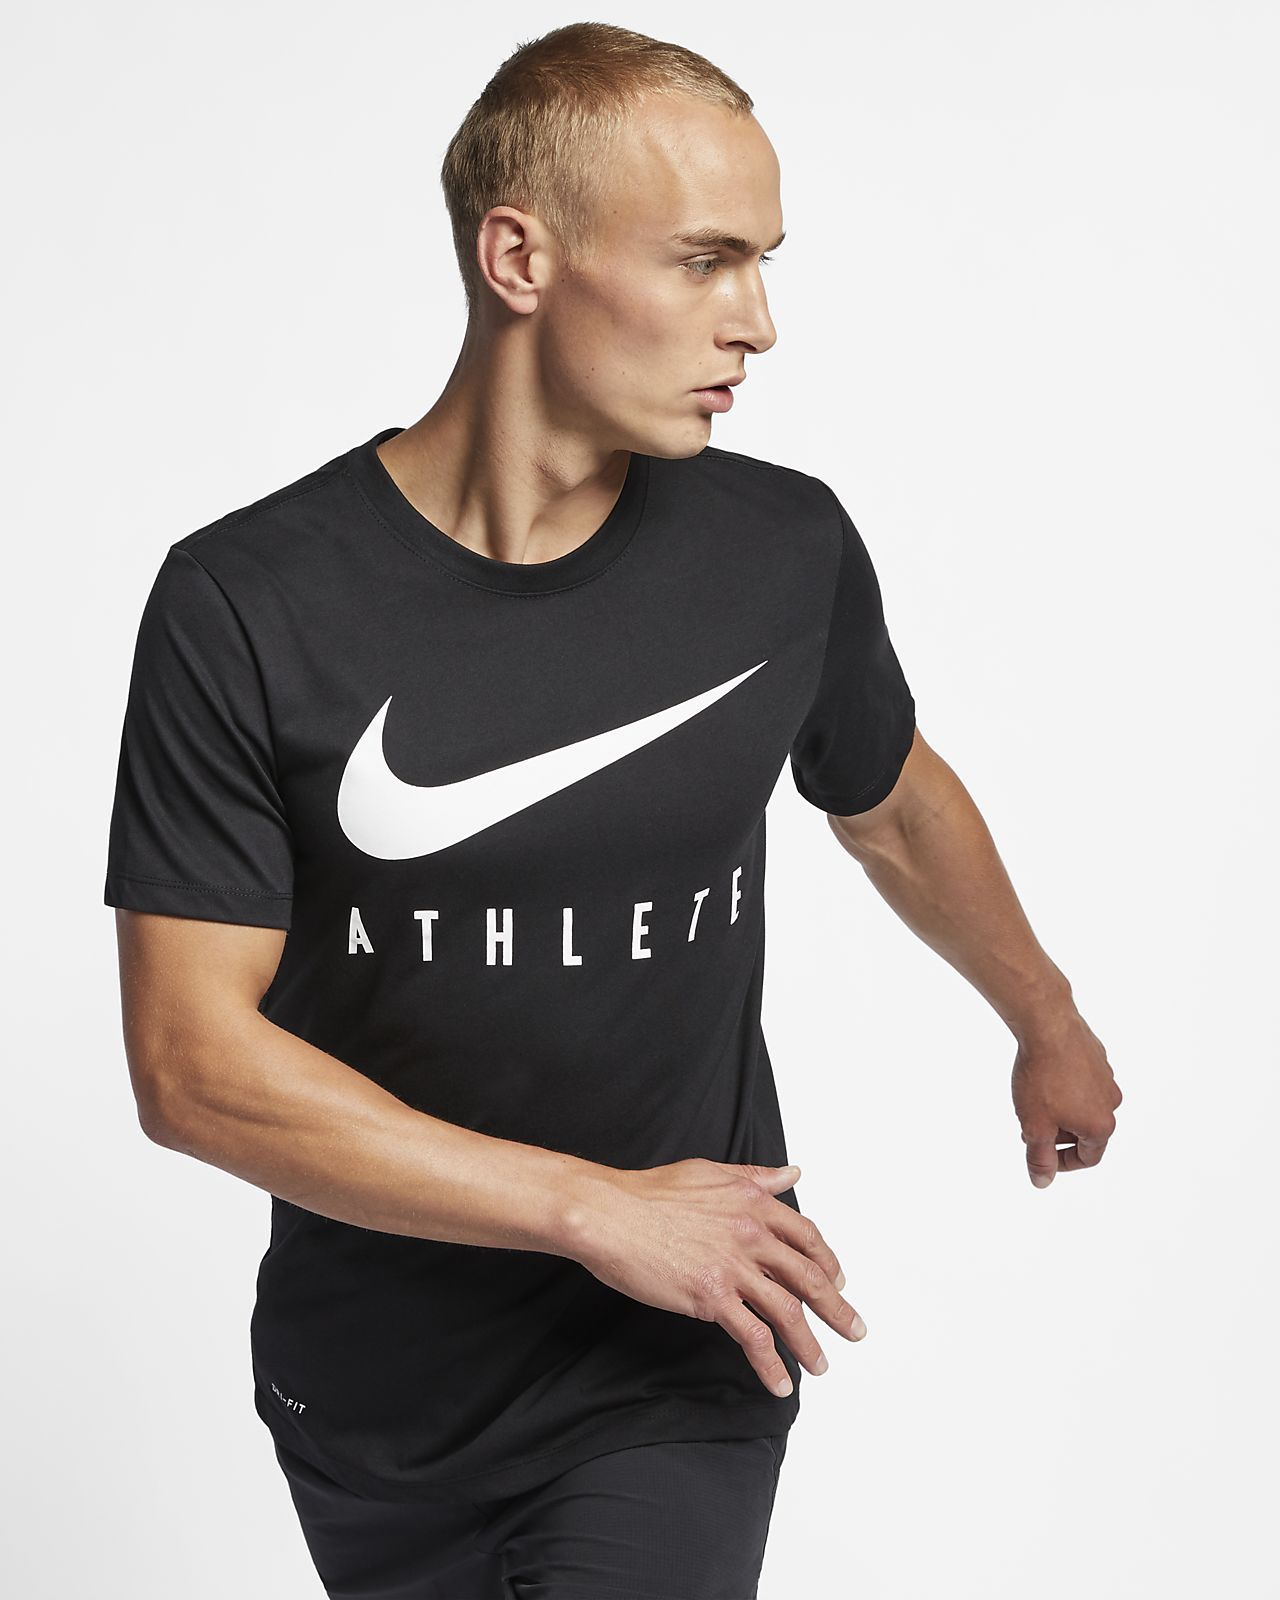 Nike Dri-FIT trenings-T-skjorte til herre